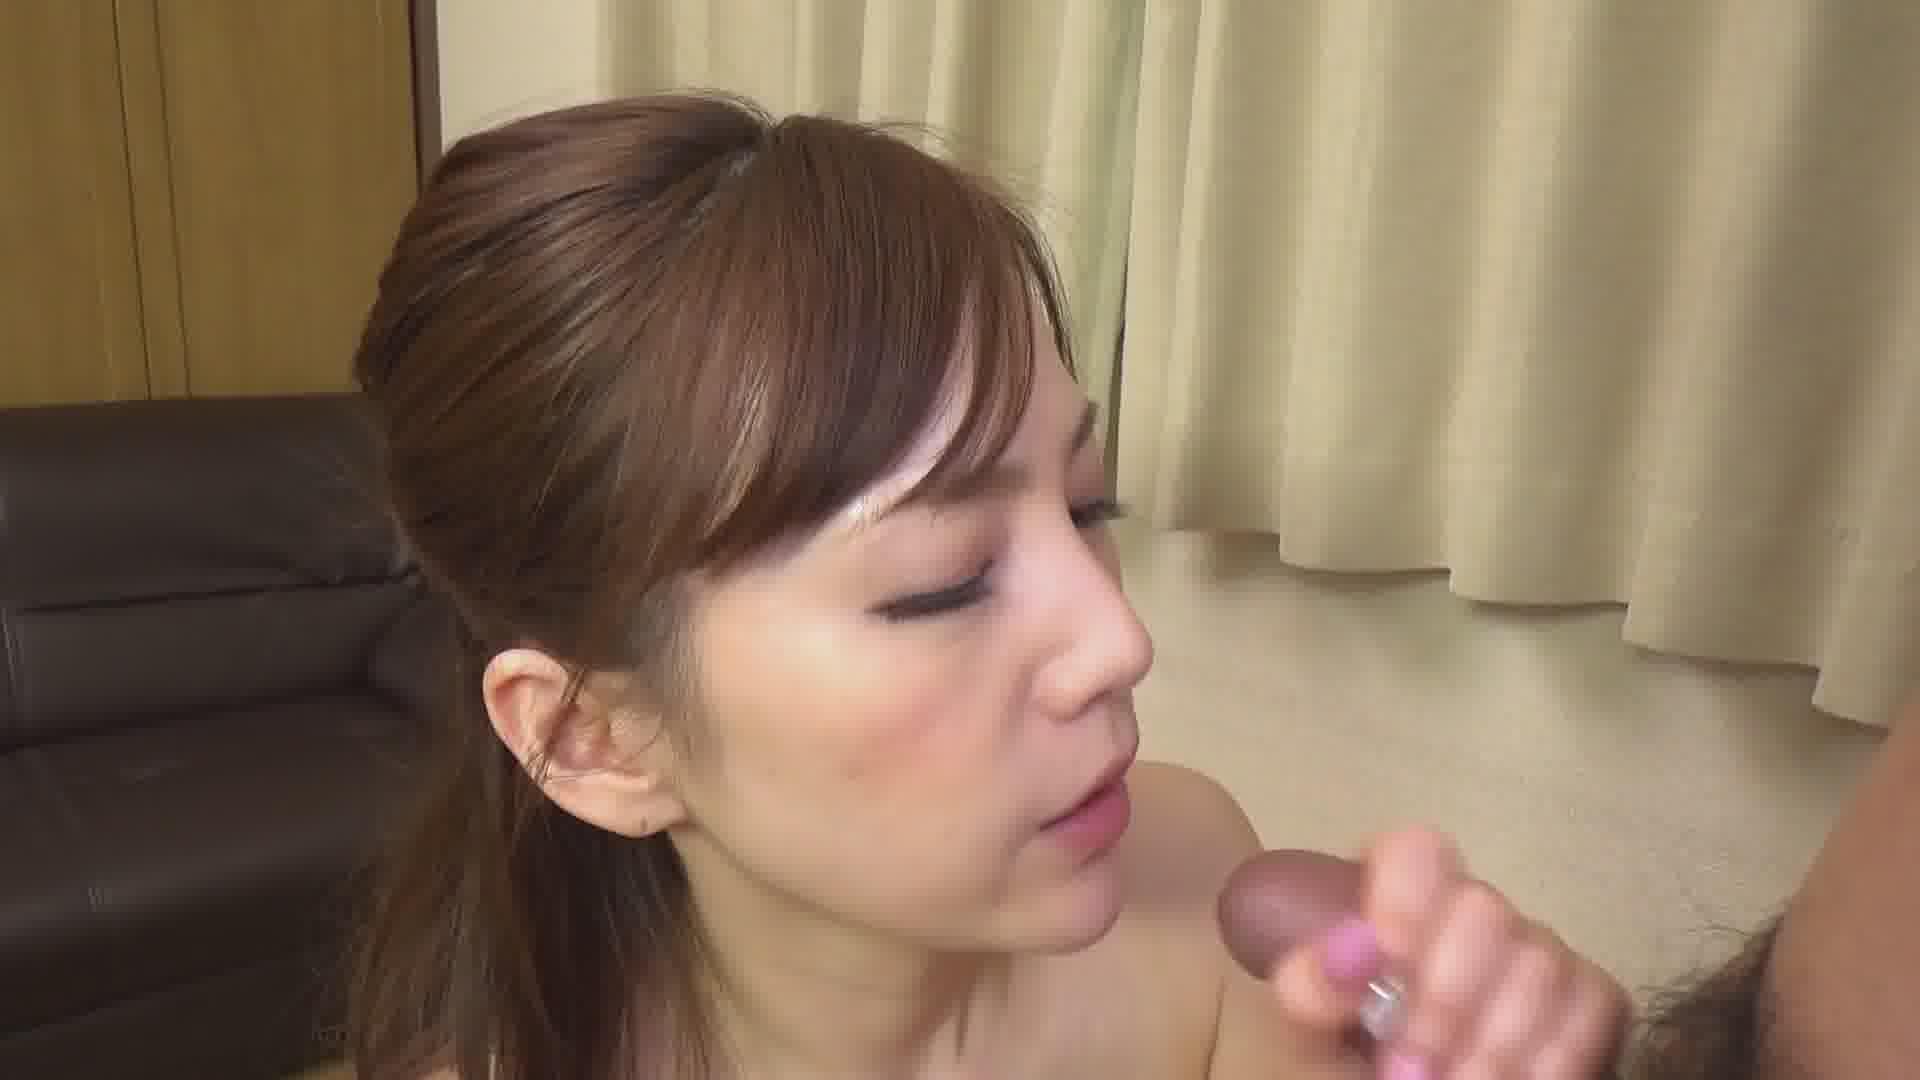 Iカップ美巨乳女優のありがてぇ筆下ろし - すみれ美香【巨乳・パイズリ・中出し】